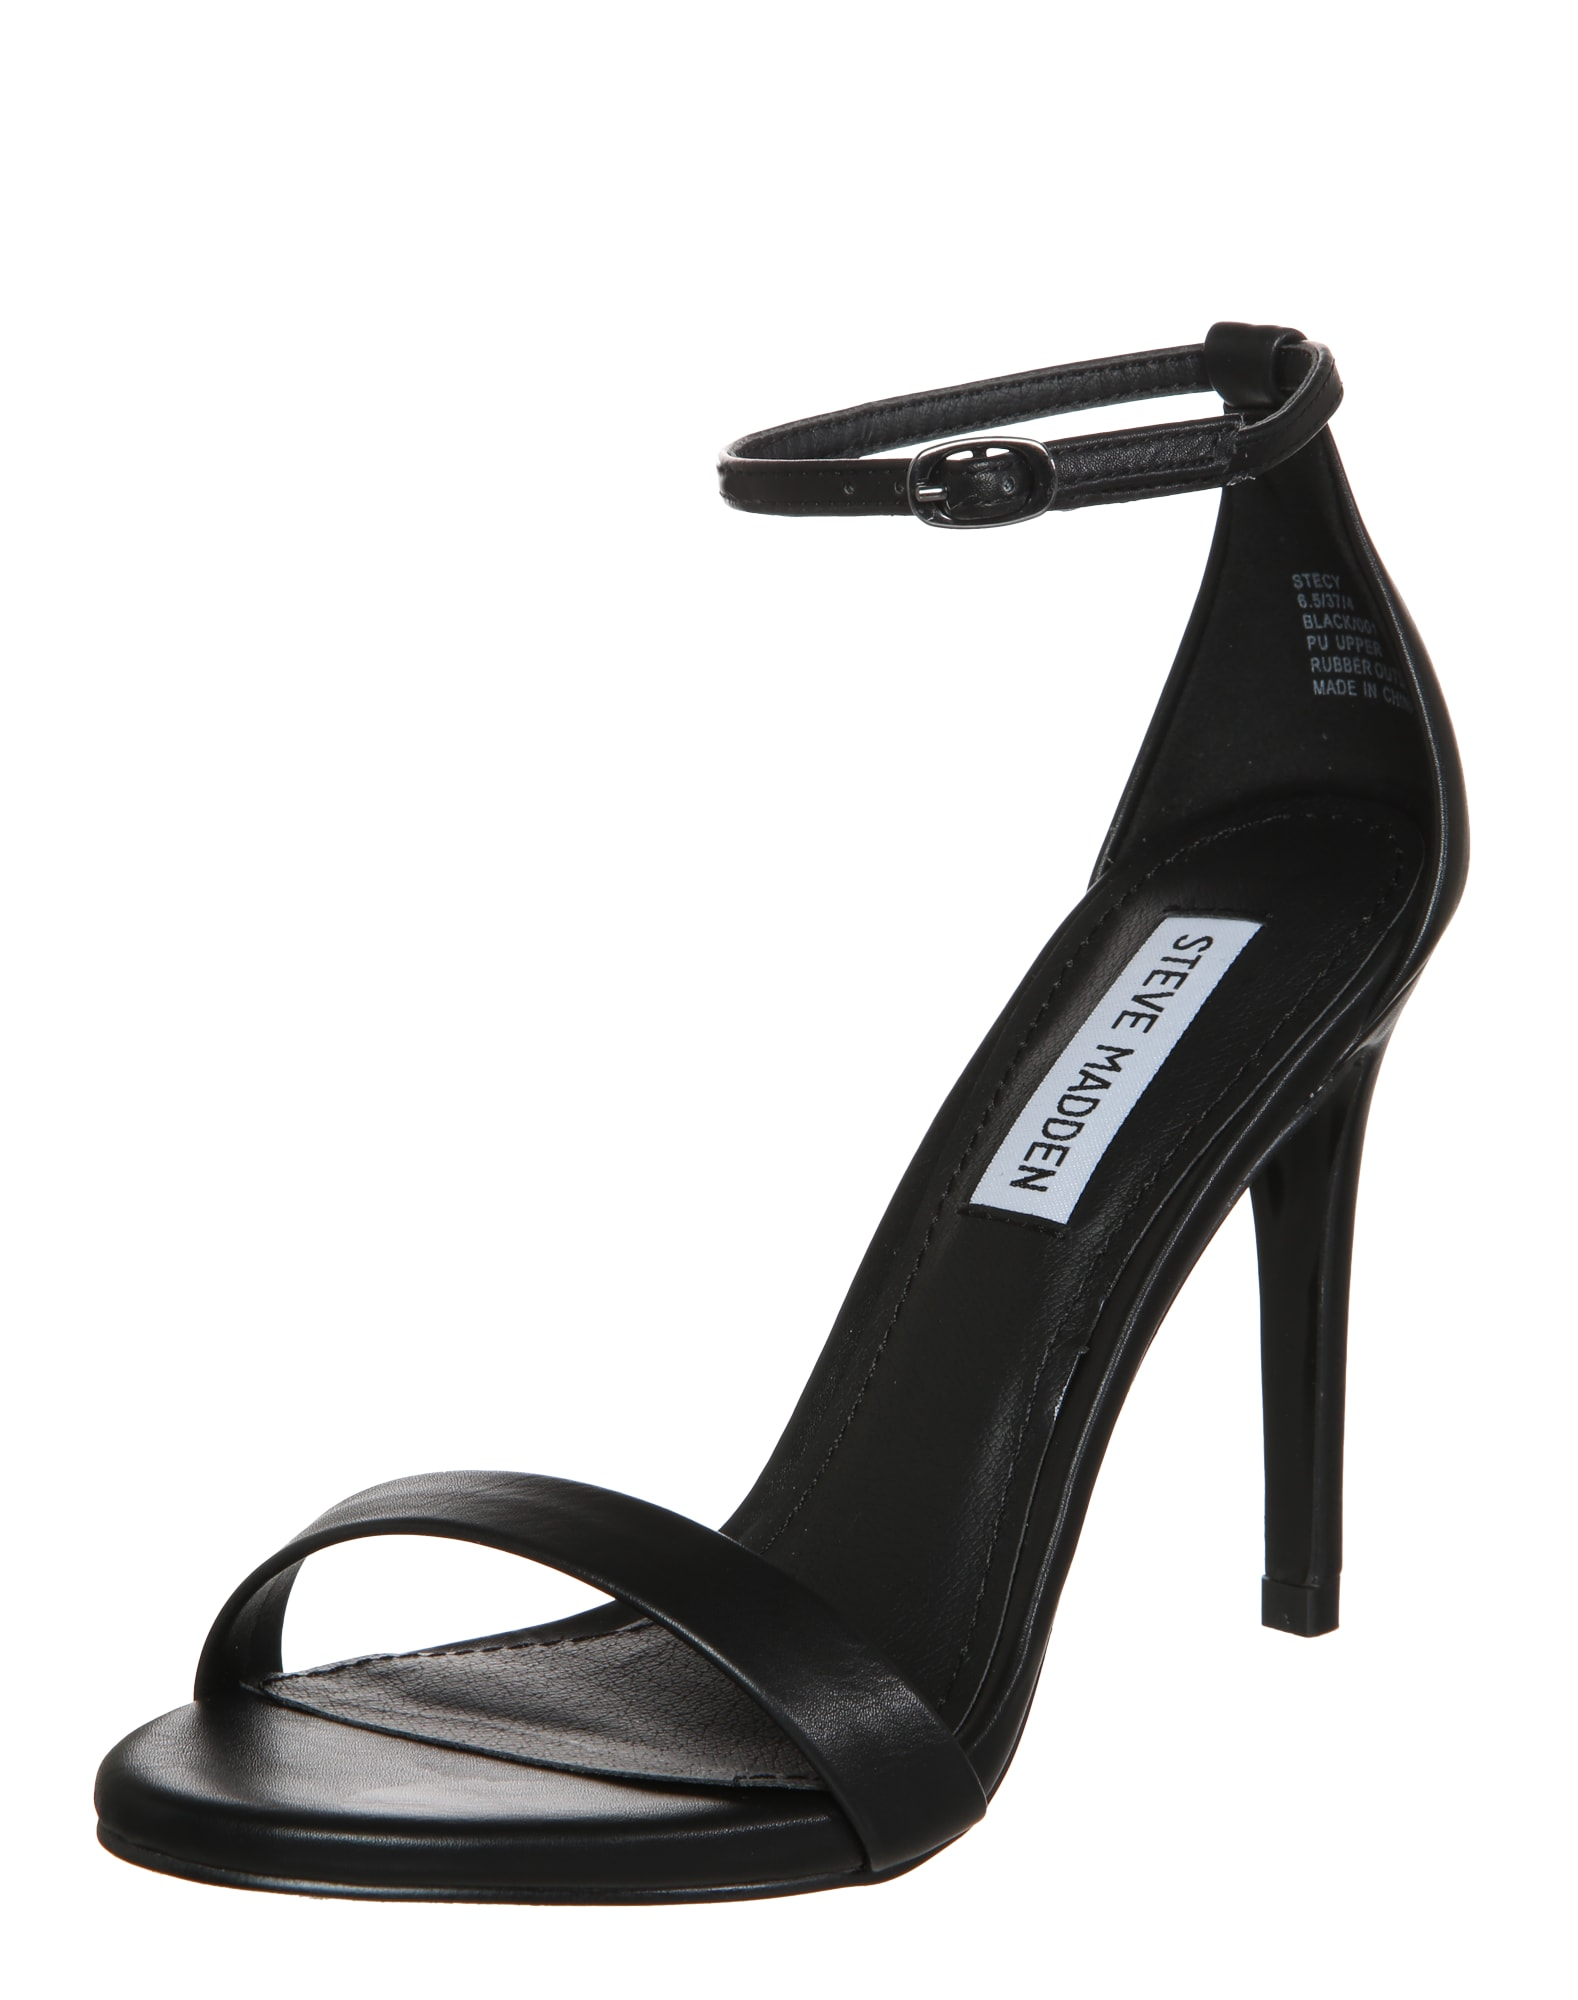 Páskové sandály Stecy černá STEVE MADDEN